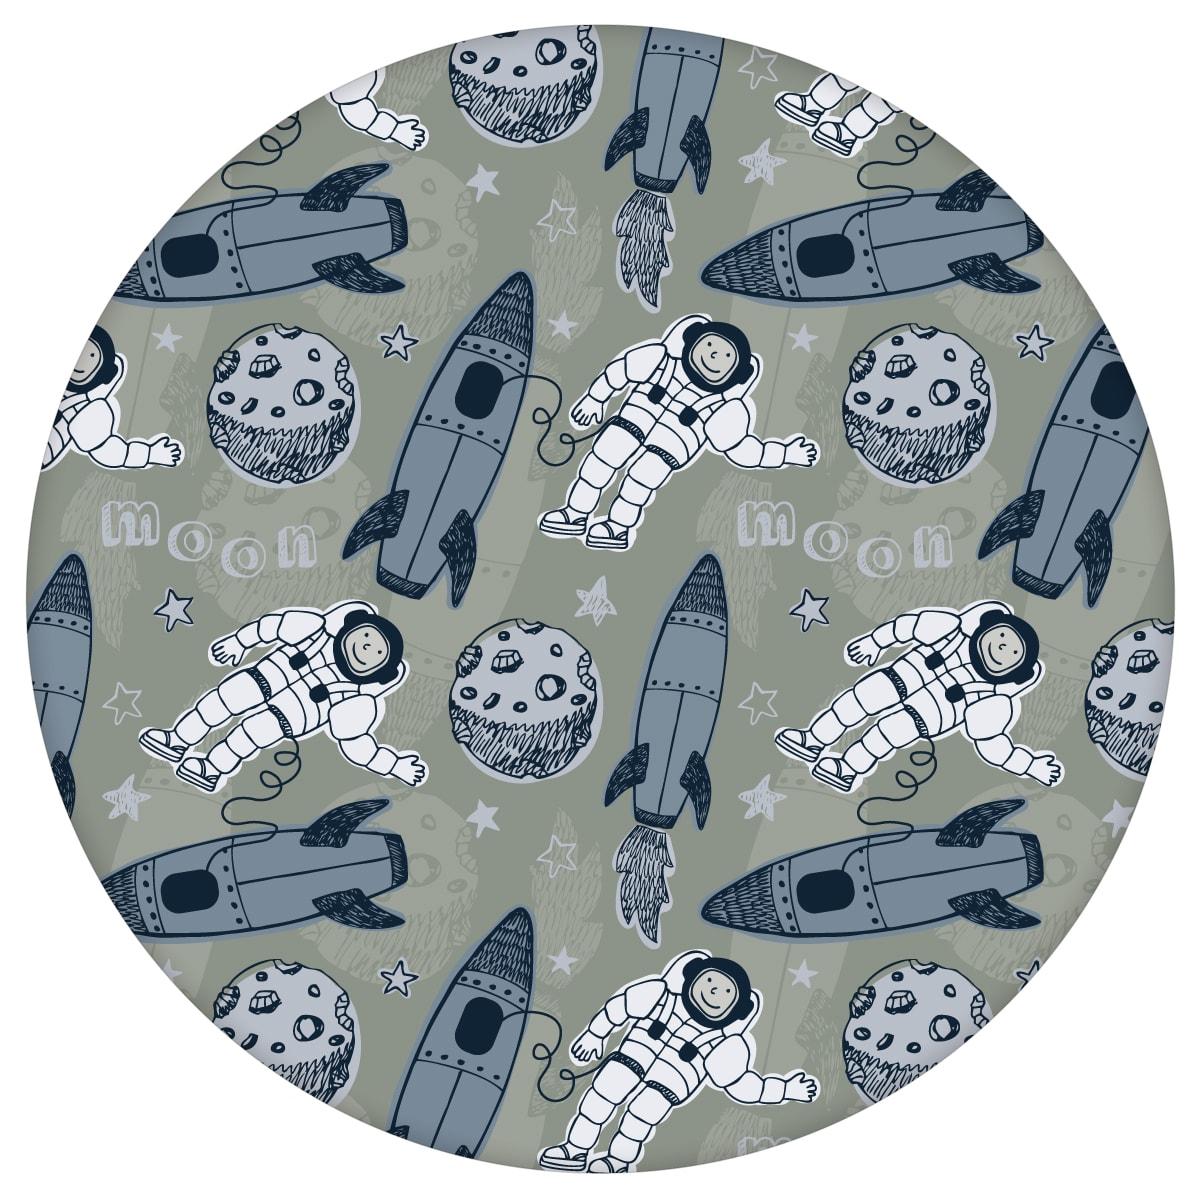 """Weltraum Kinderzimmer Tapete """"Rocket Moon"""", oliv graue Vlies-Tapete , Space Kindertapete für Spielzimmer"""